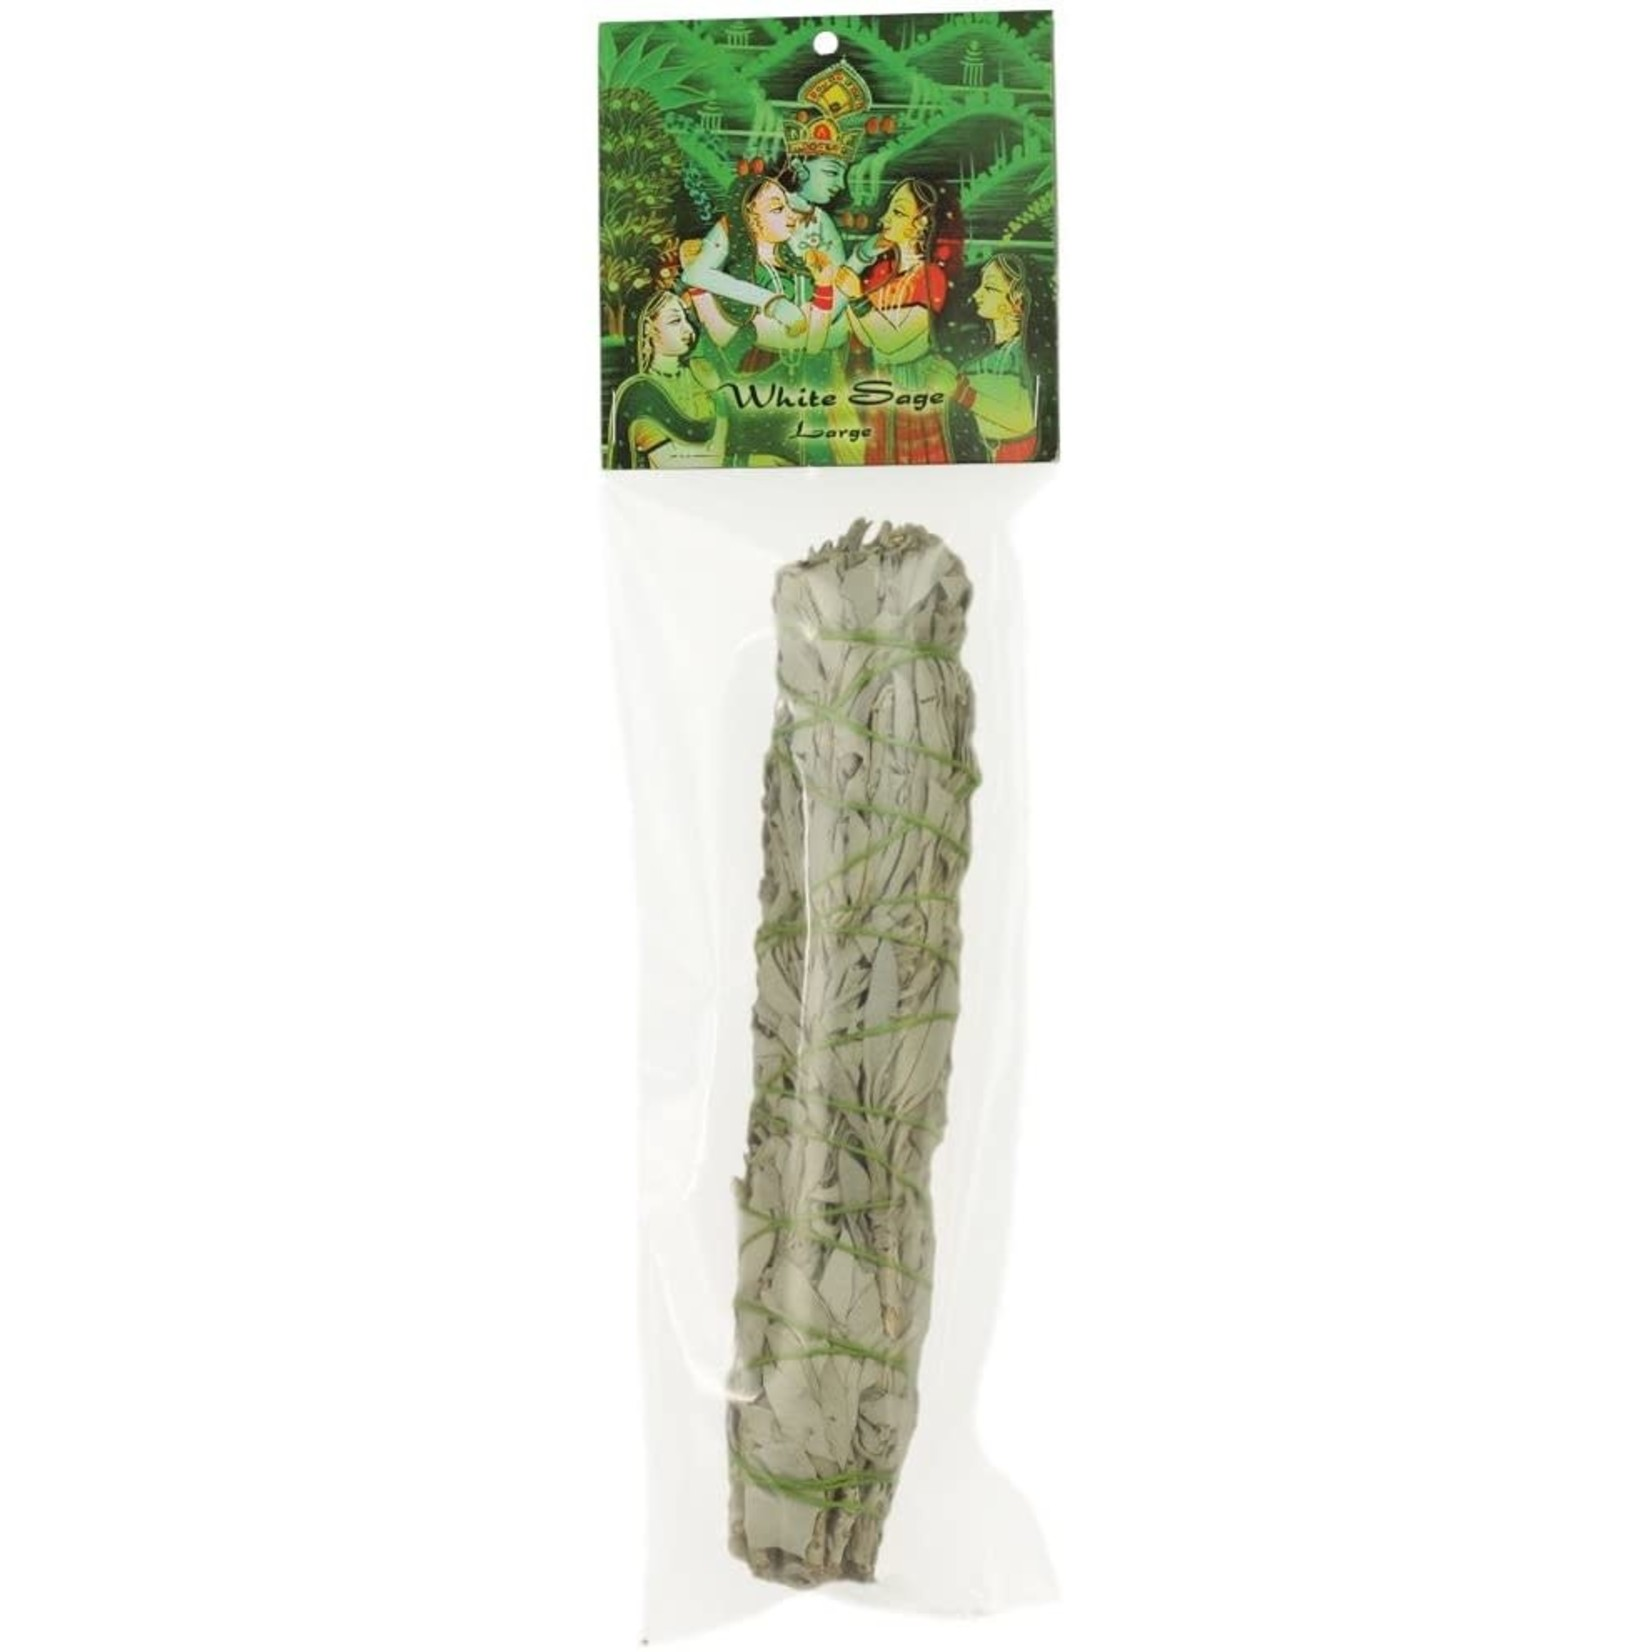 Prabhujis Gifts White Sage Smudge Stick - Large Bundle